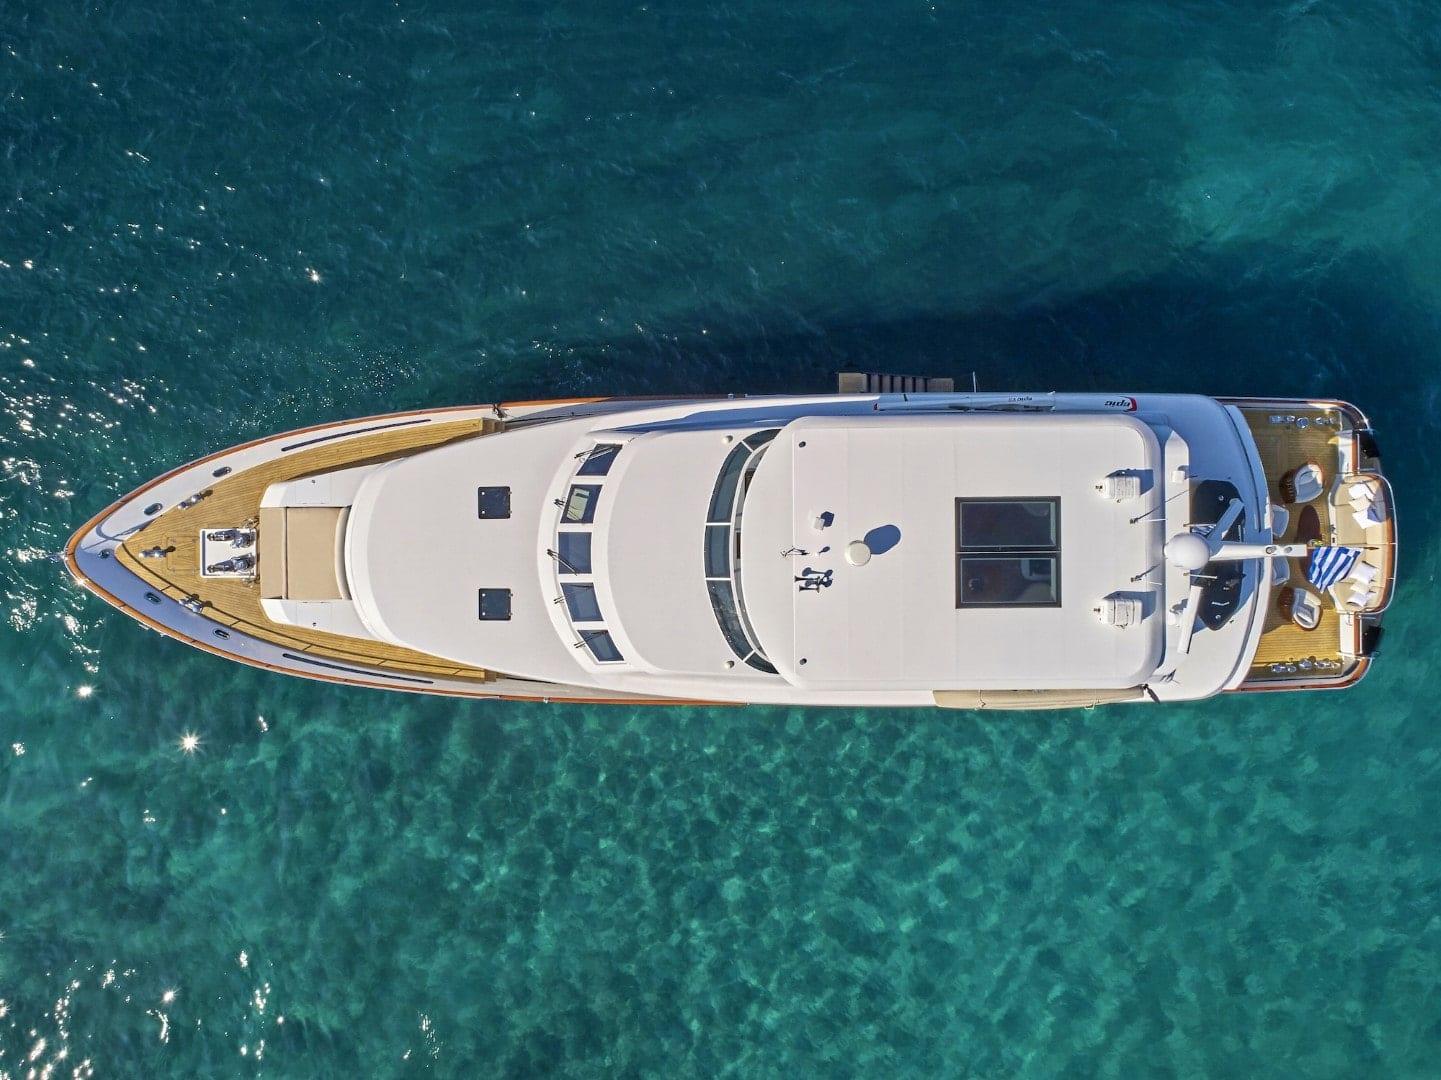 mia-zoi-motor-yacht-aerial